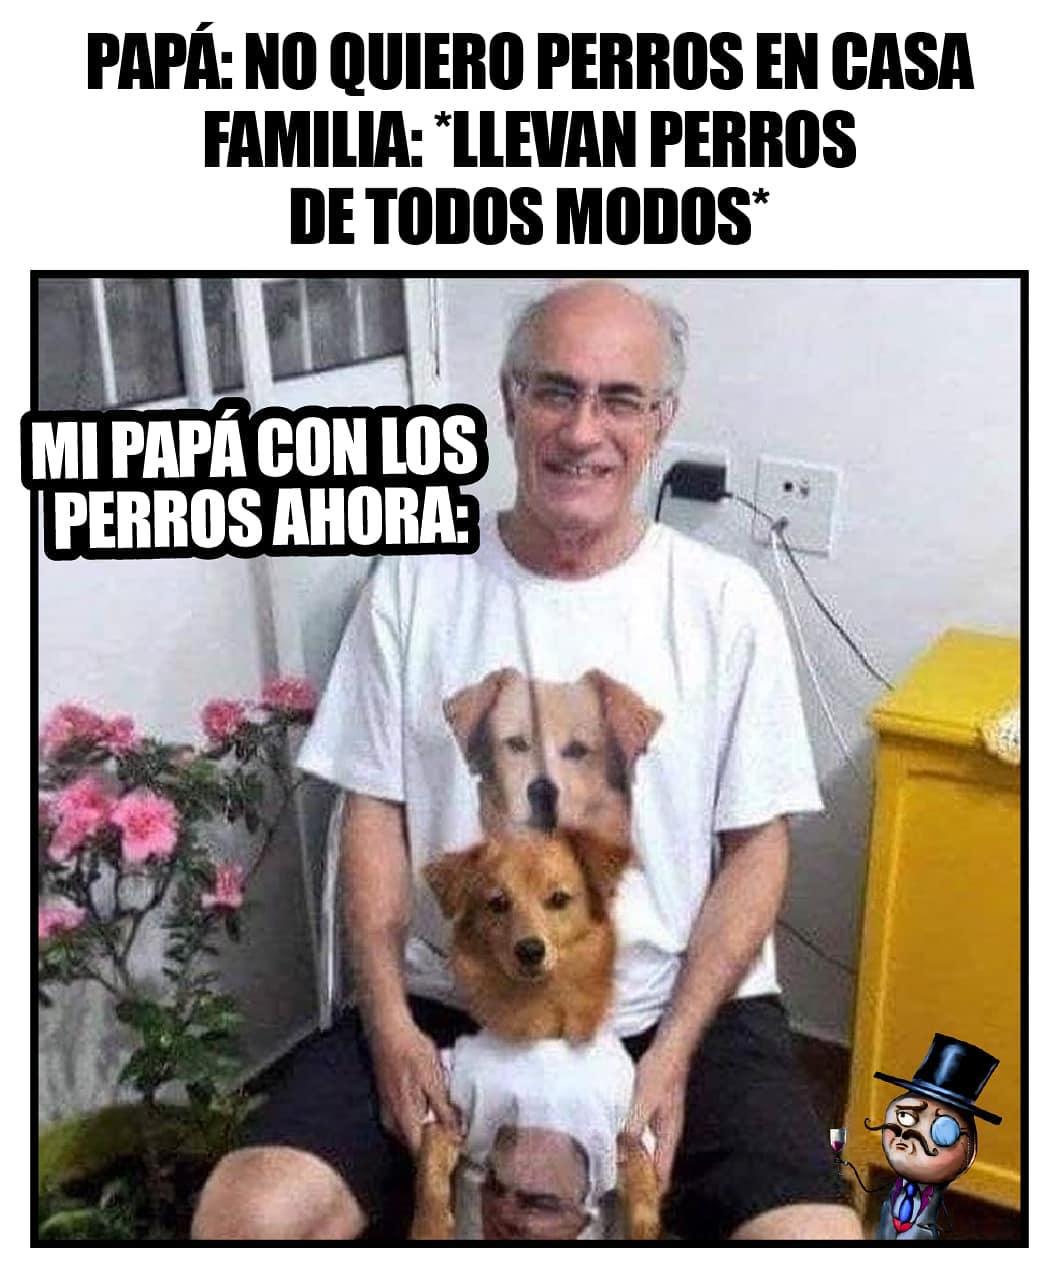 Papá: No quiero perros en casa.  Familia: Llevan perros de todos modos.  Mi papá con los perros ahora: